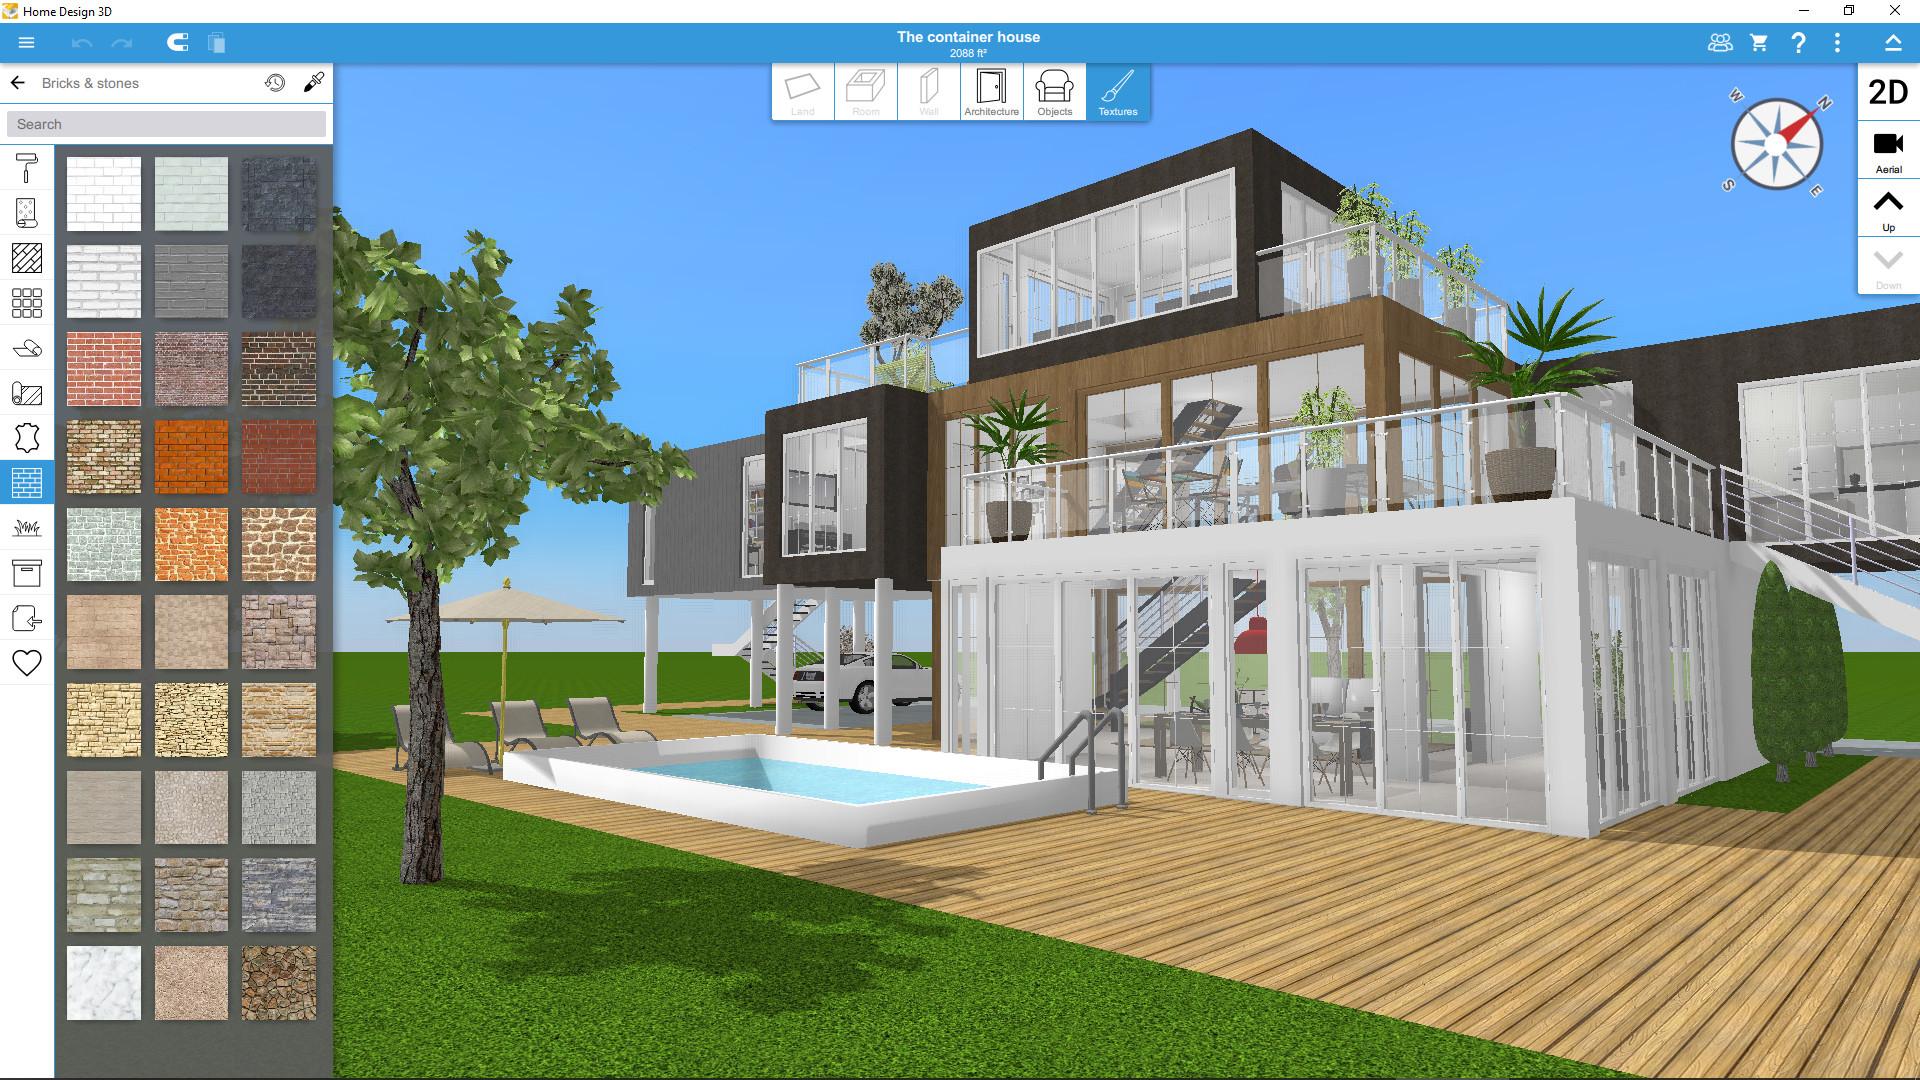 Incroyable  Mot-Clé Home Design 32D